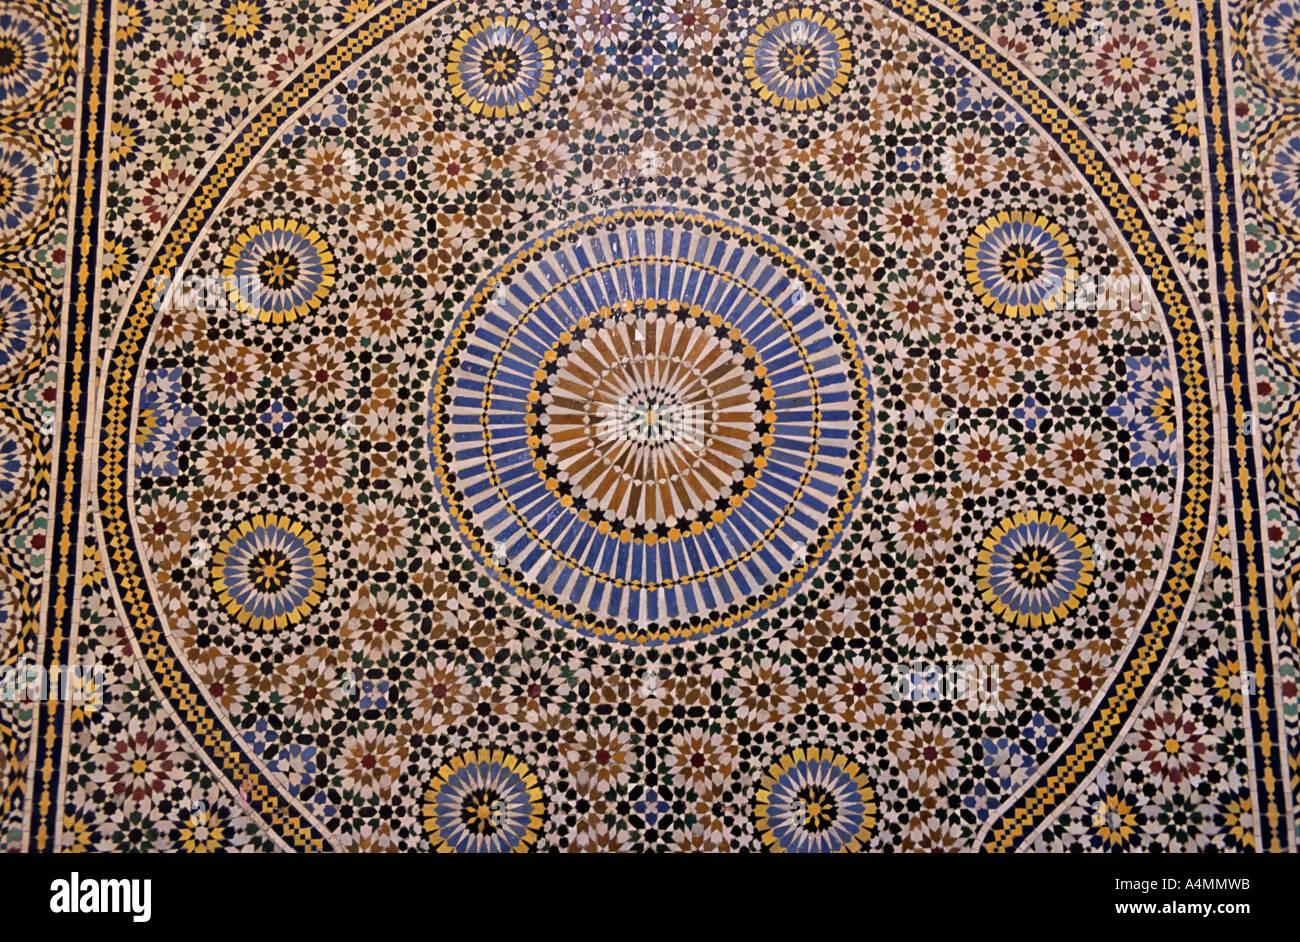 Il marocco fes marocchino tradizionale parete mosaico fatto da mano